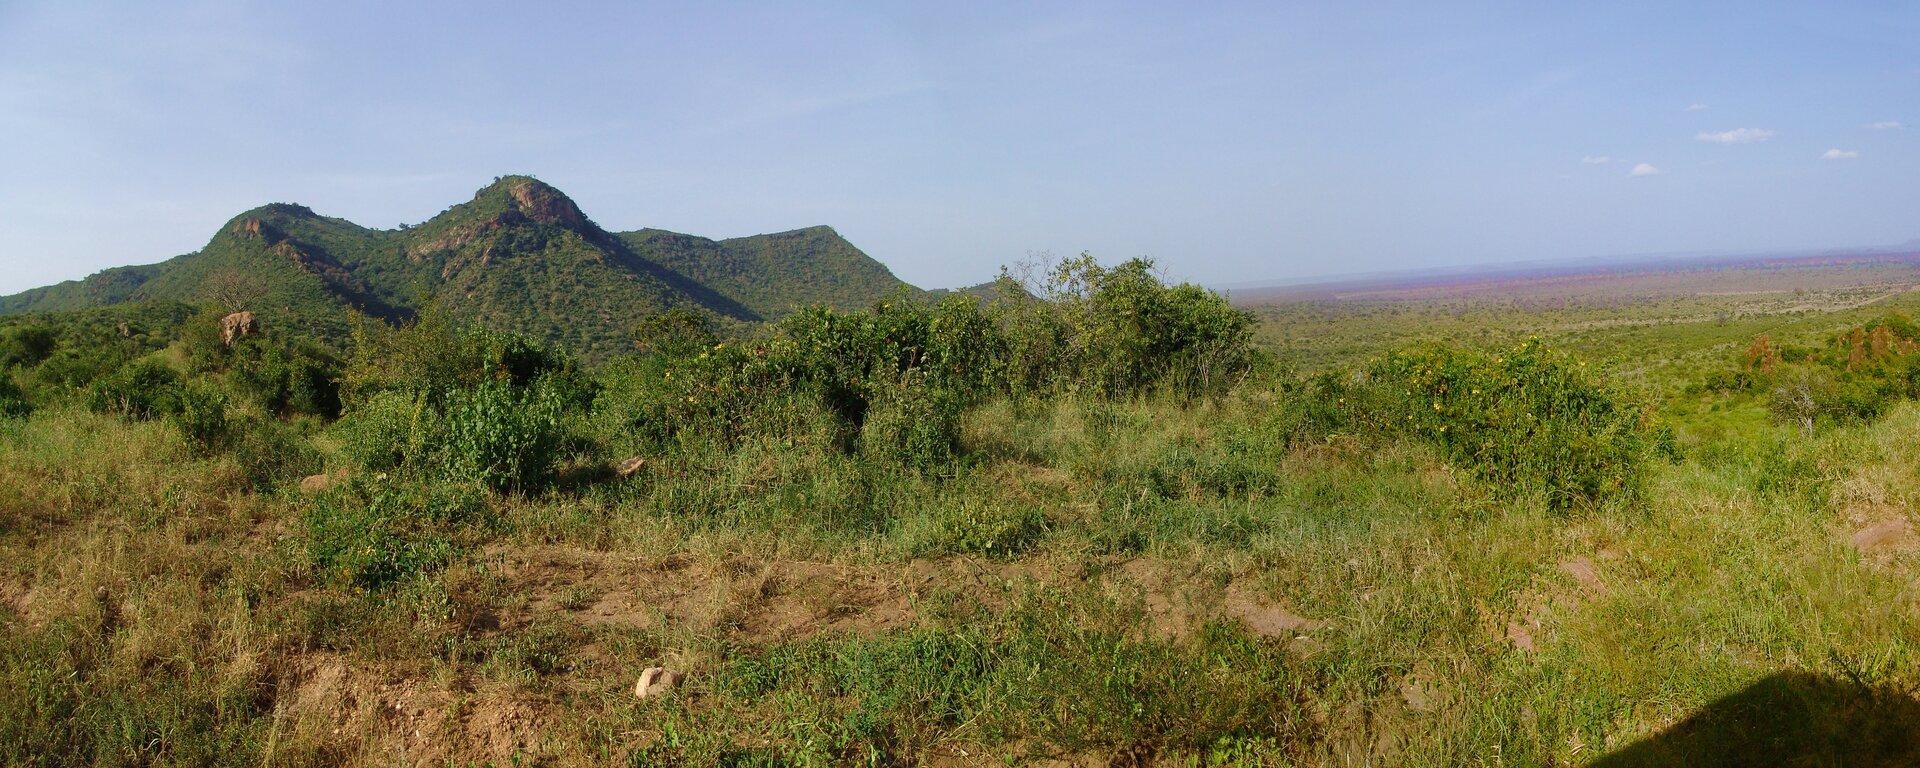 Fotografia przedstawia krajobraz ryftu, czyli obniżenia terenu wKenii. Zlewej woddali znajdują się 3 szczyty górskie, przed nimi równina porośnięta wyschniętą trawą oraz częściowo niskimi krzewami.